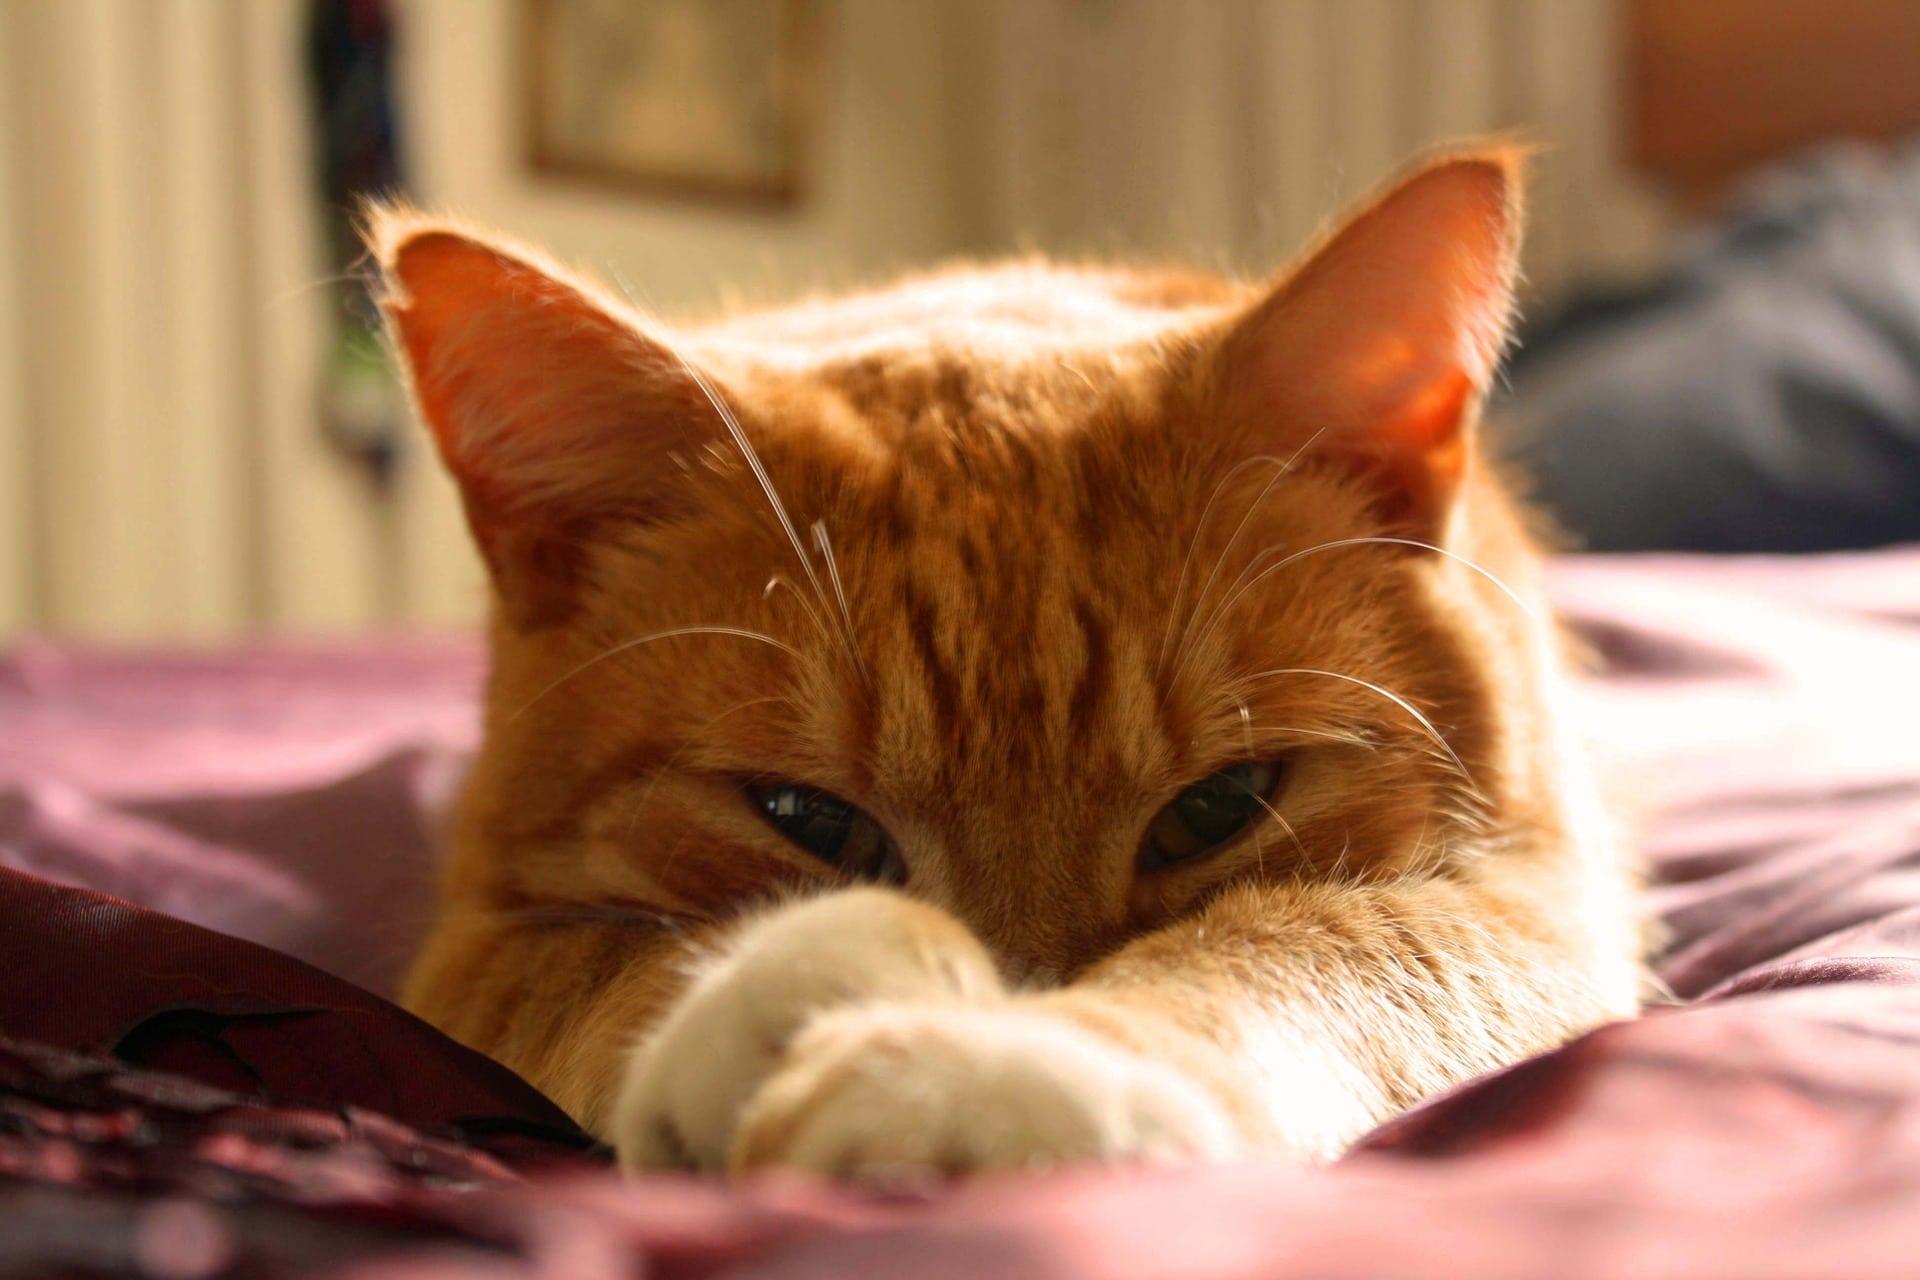 Tu veterinario sedará al gato cuando lo opere